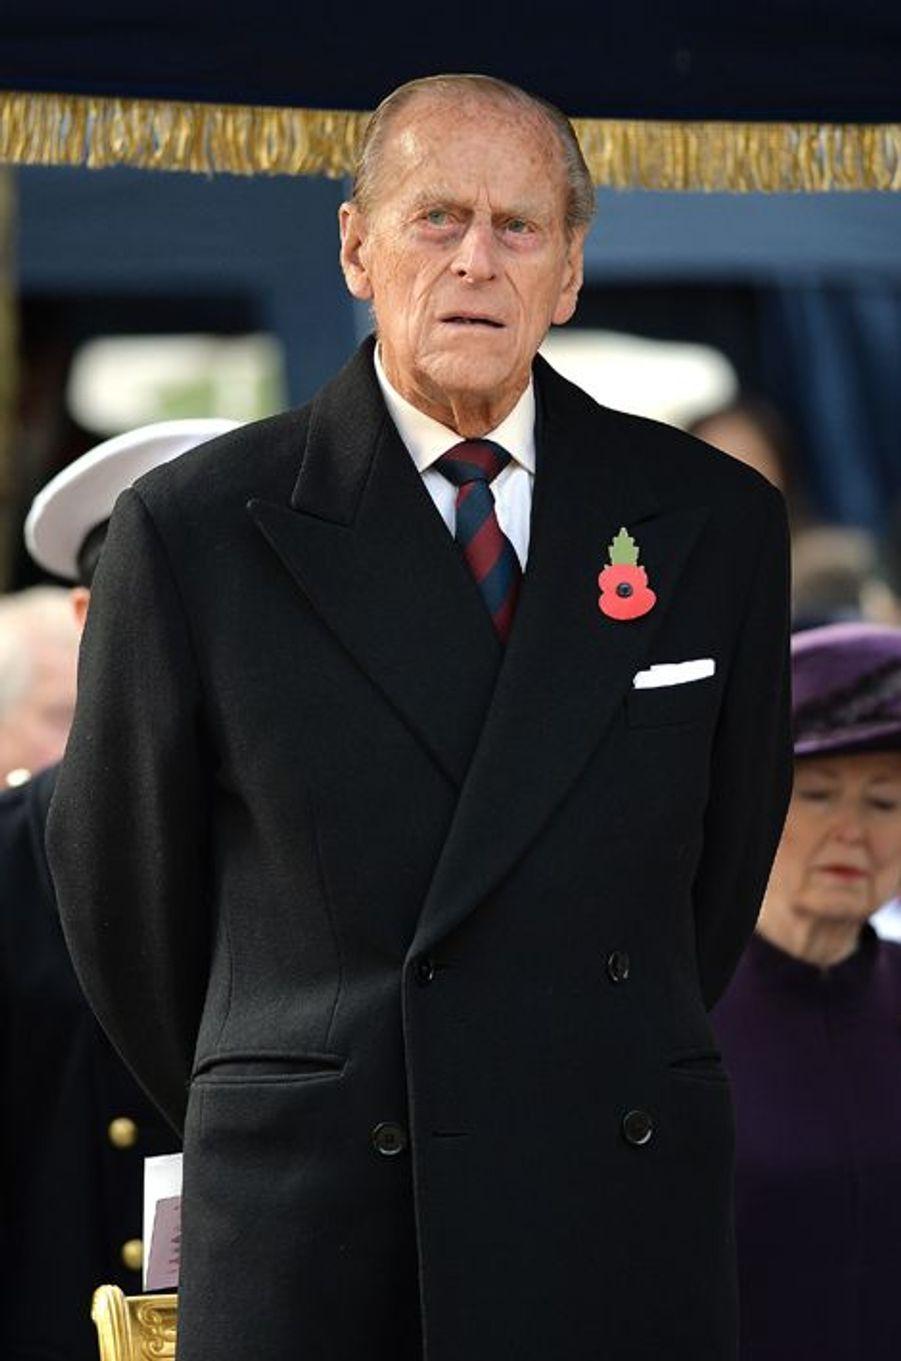 Philip Mounbatten à l'inauguration du Flanders Fields Memorial Garden à Londres, le 6 novembre 2014